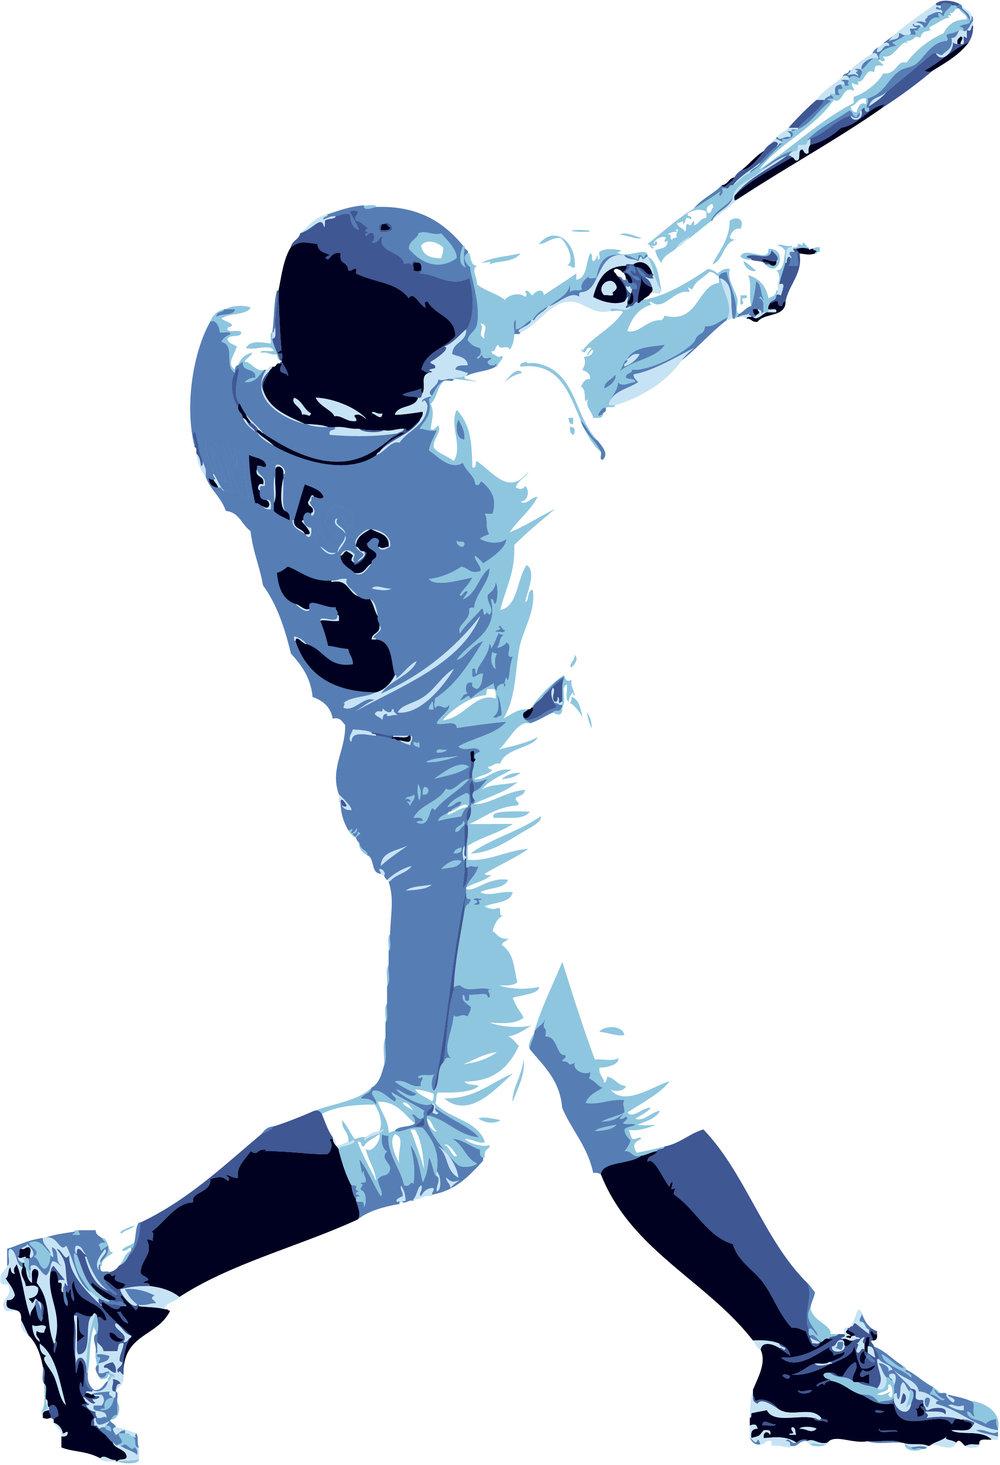 swing@3x-80.jpg